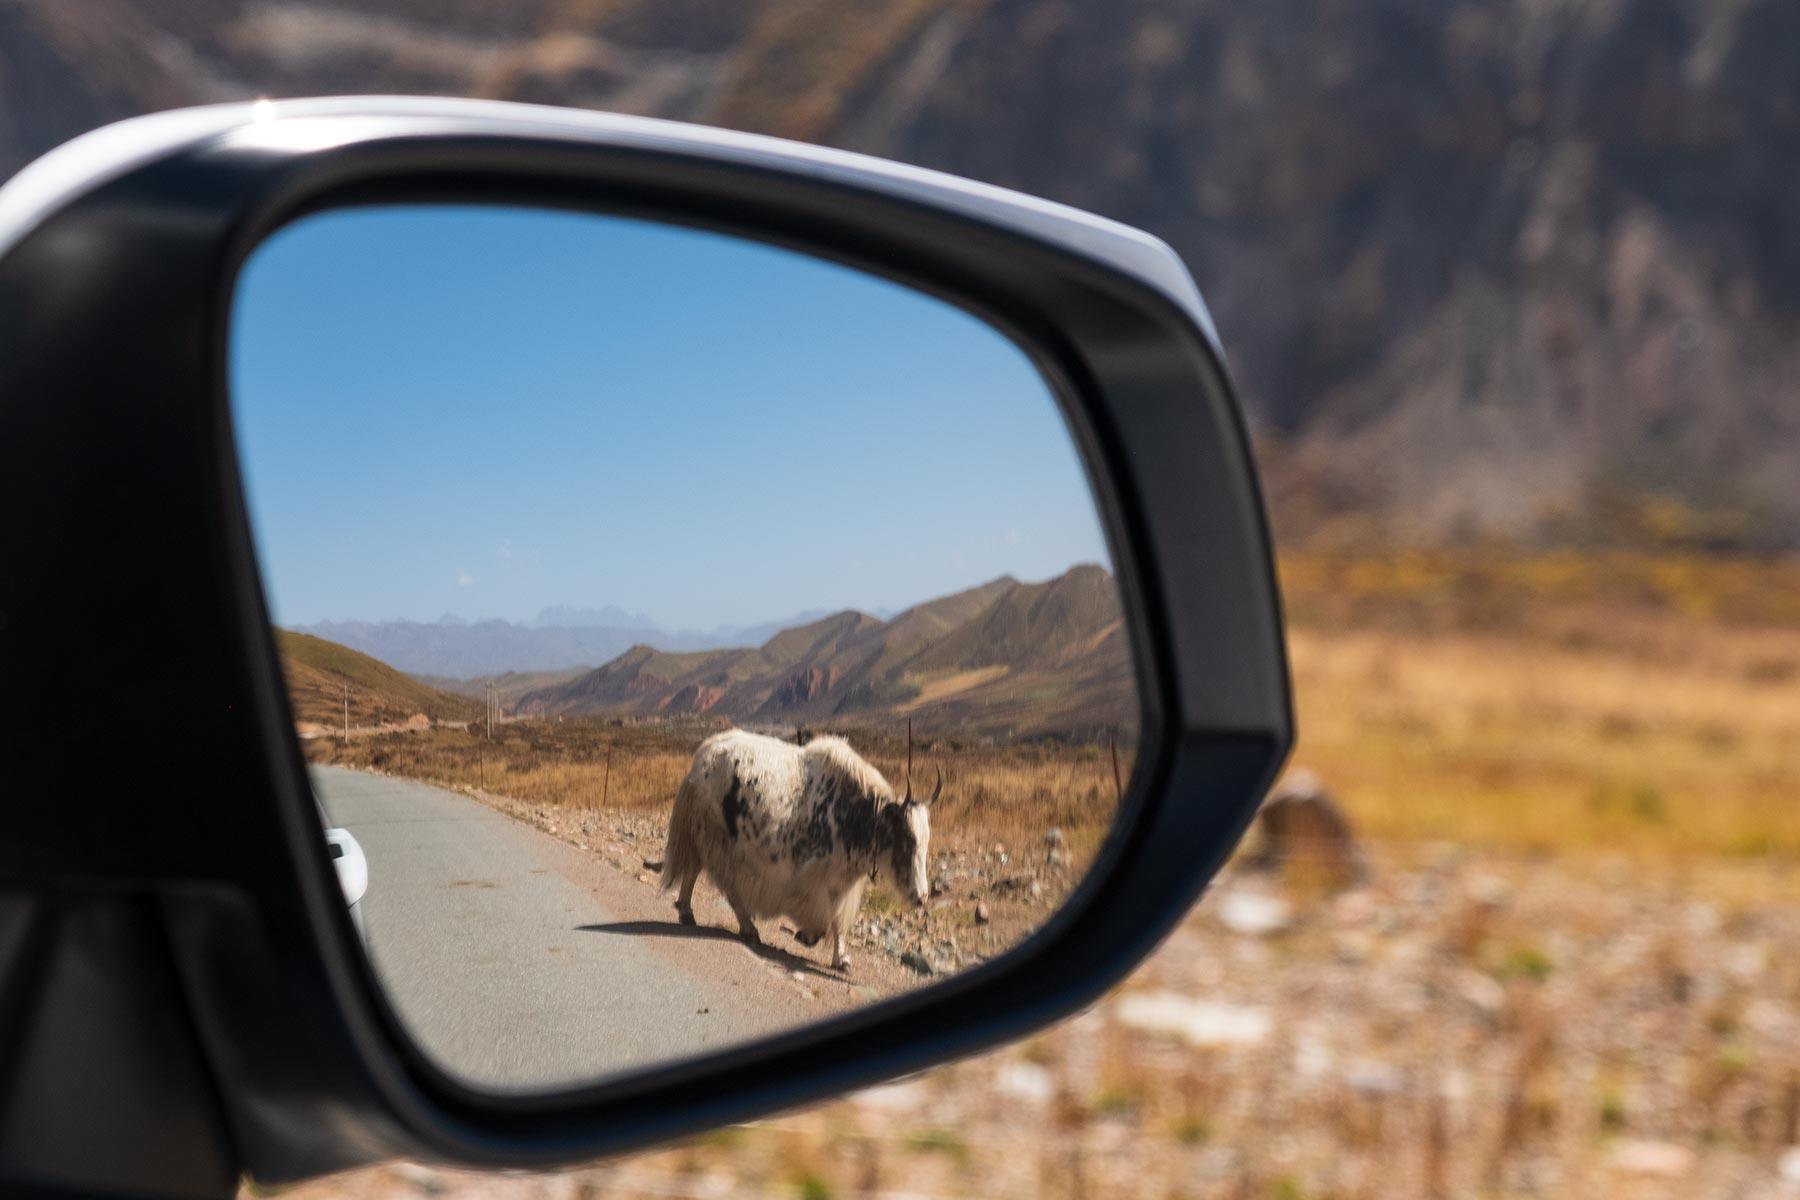 Yak im Rückspiegel in Gansu China in den Bergen